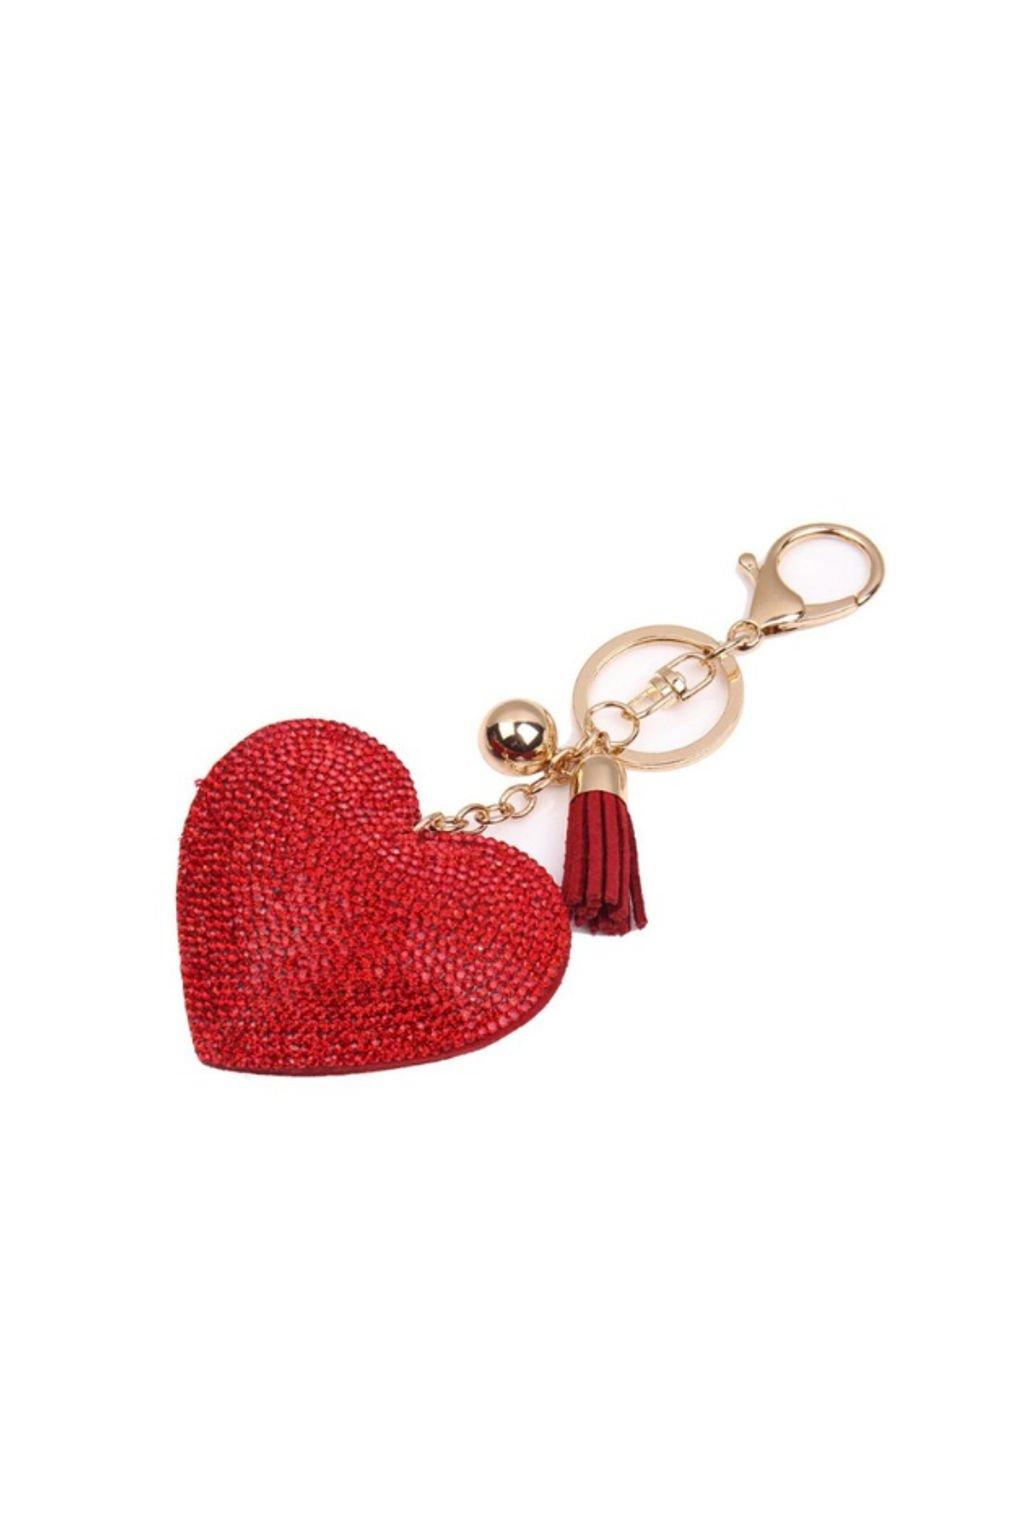 Luxusní přívěsek na kabelku ve tvaru srdce červený